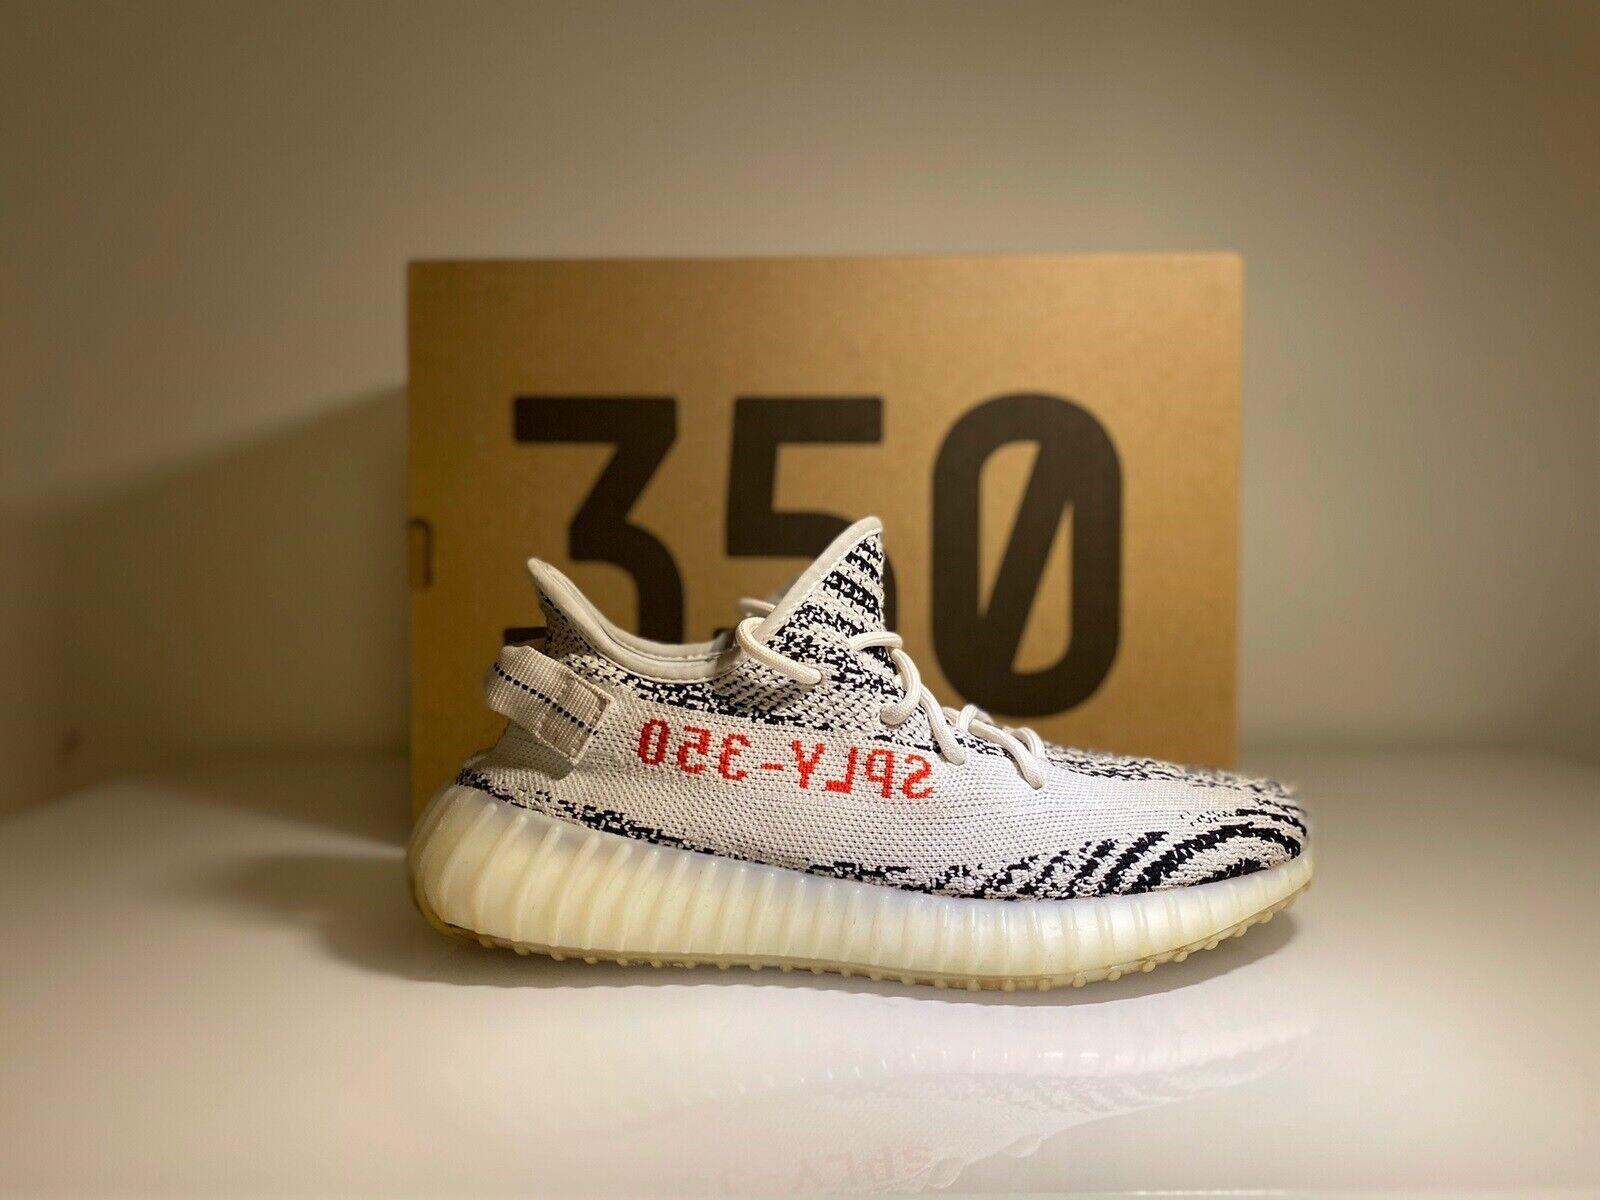 Sneakers, Yeezy 350 v2 zebra, str.